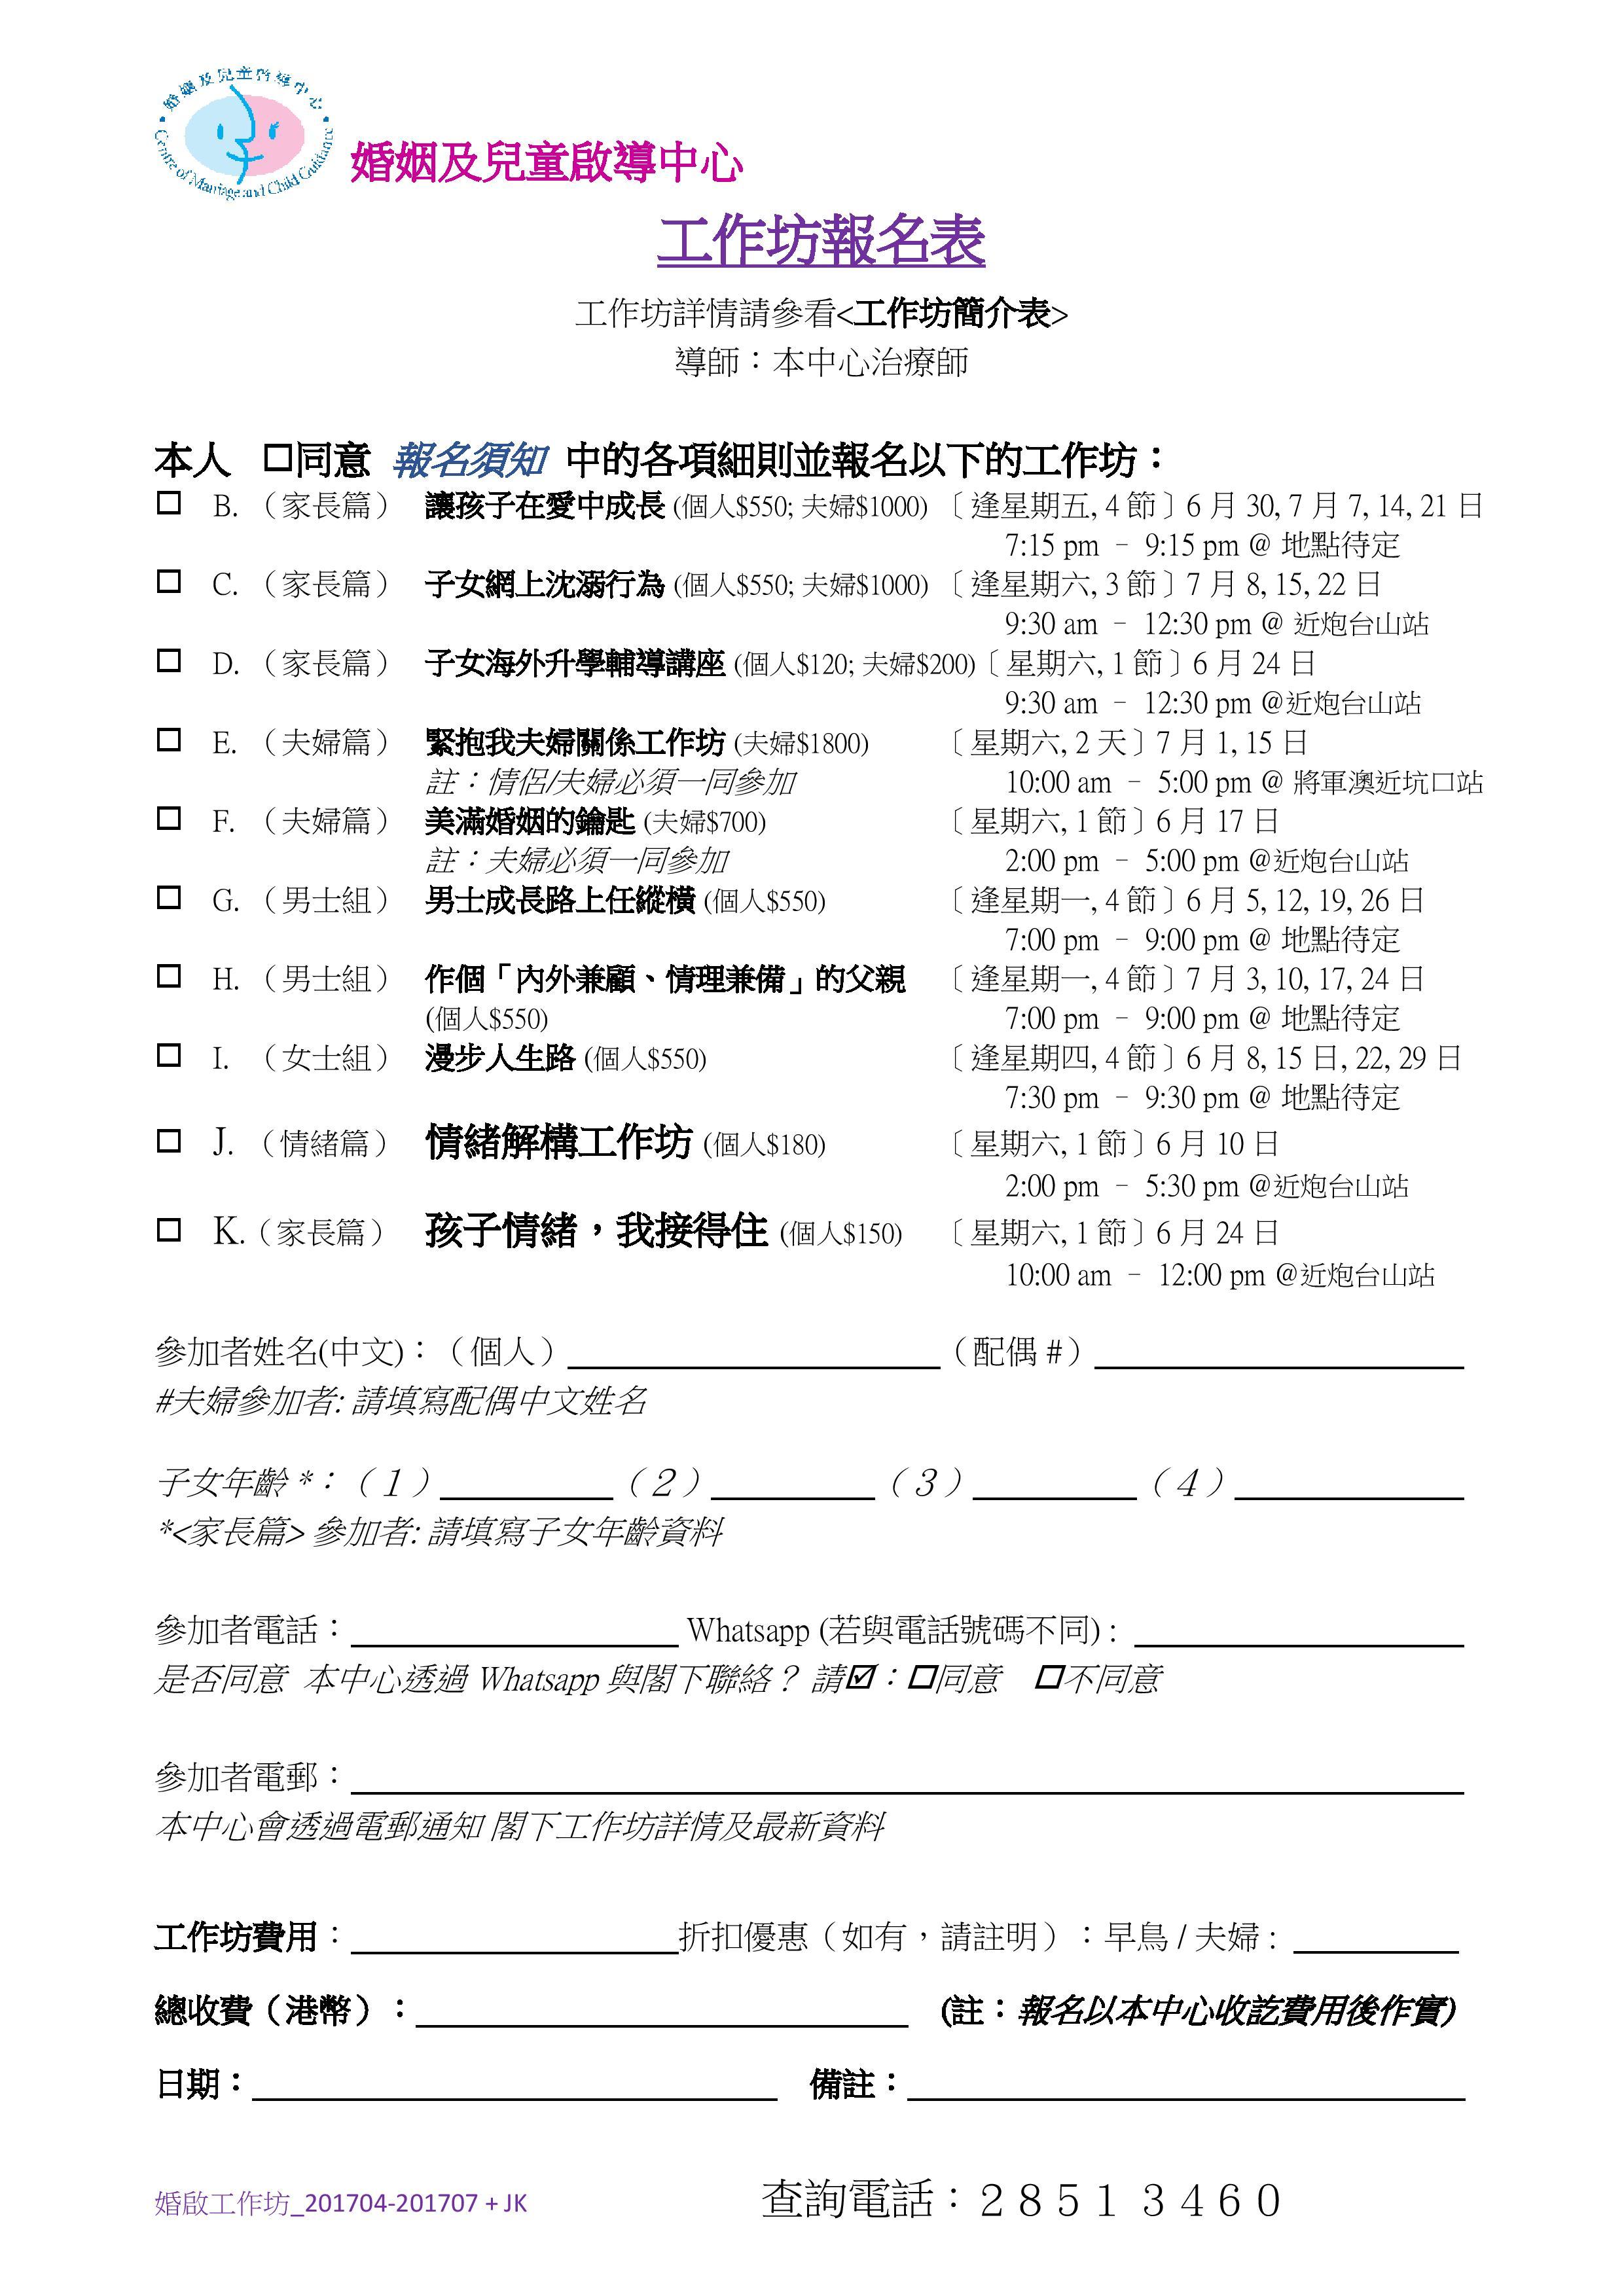 2017 04_07 Reg Form 1